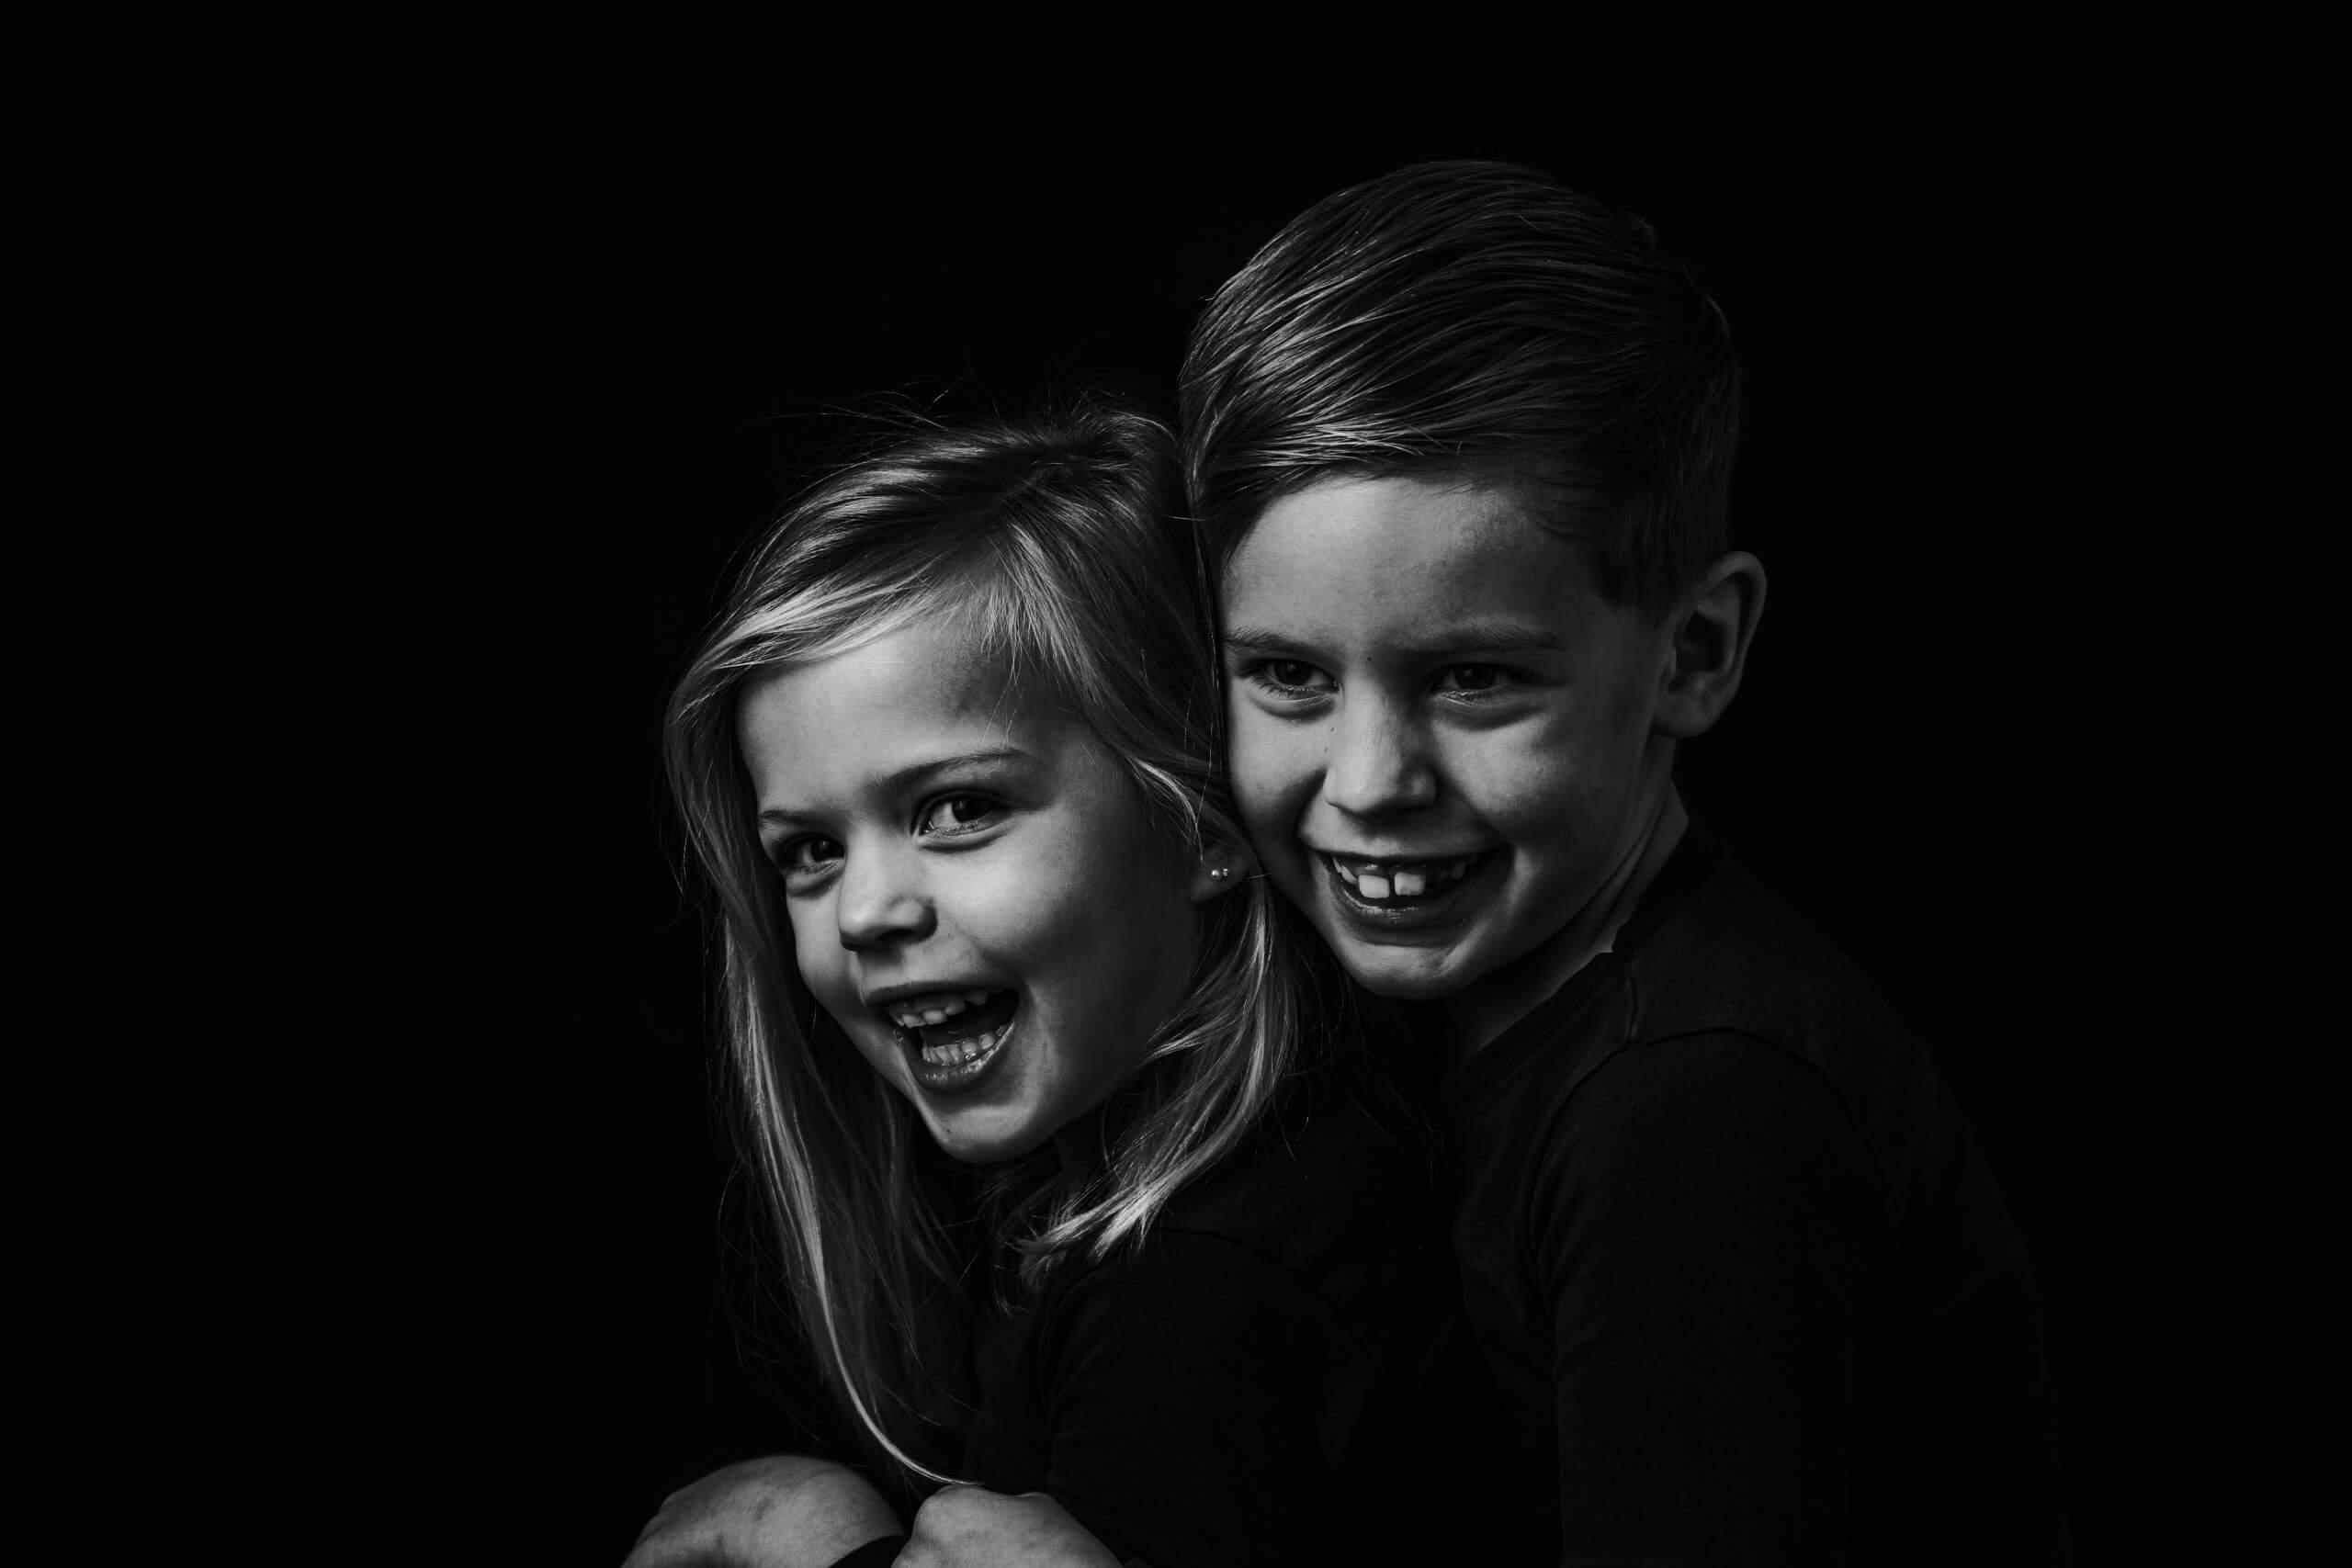 Familie kids broer en zus familieshoot sessie utrecht ijsselstein nieuwegein houten